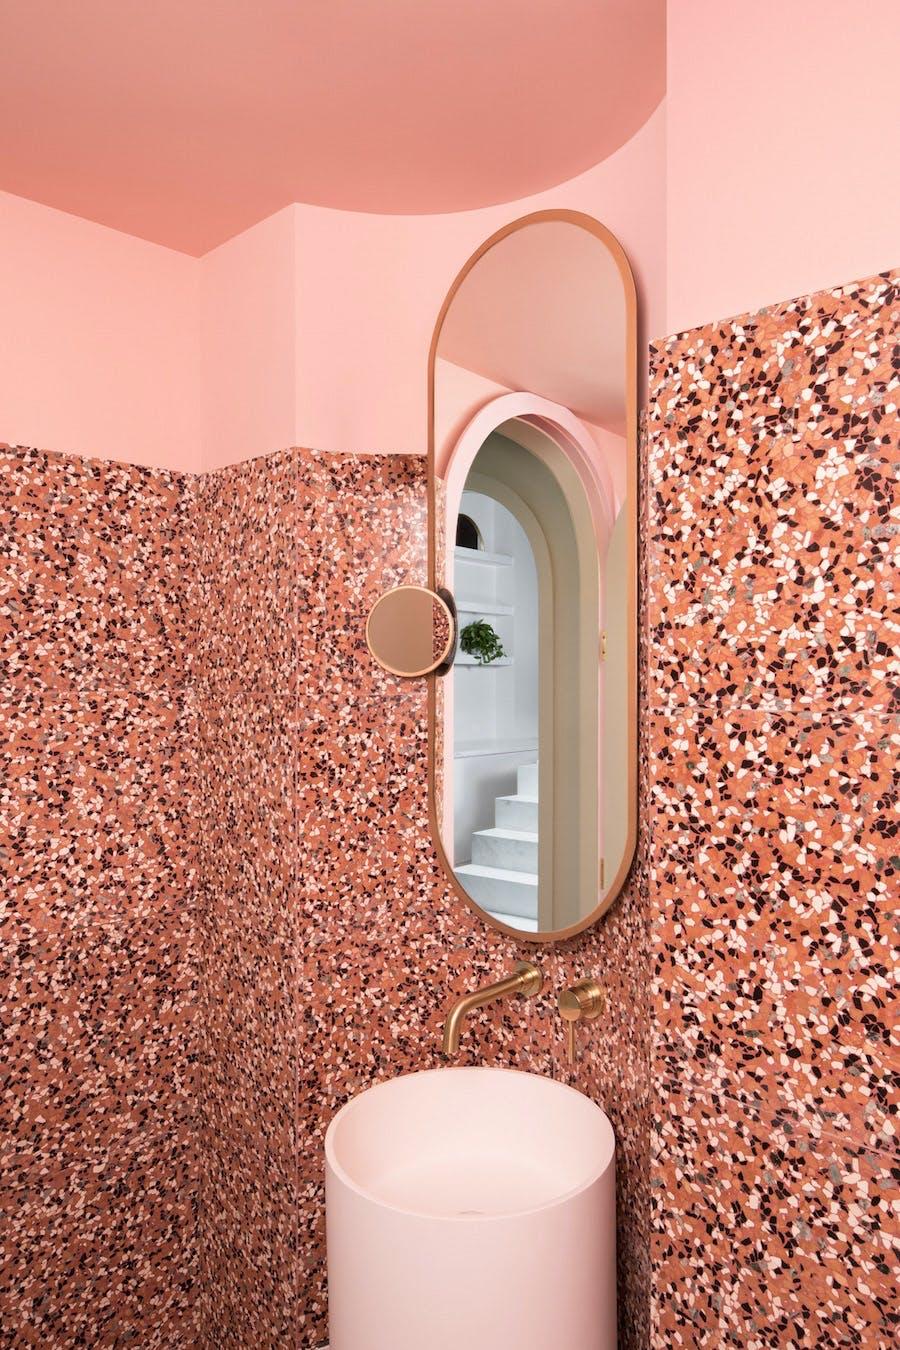 pastel farver feminin indrening cafe terrazzo rød orange